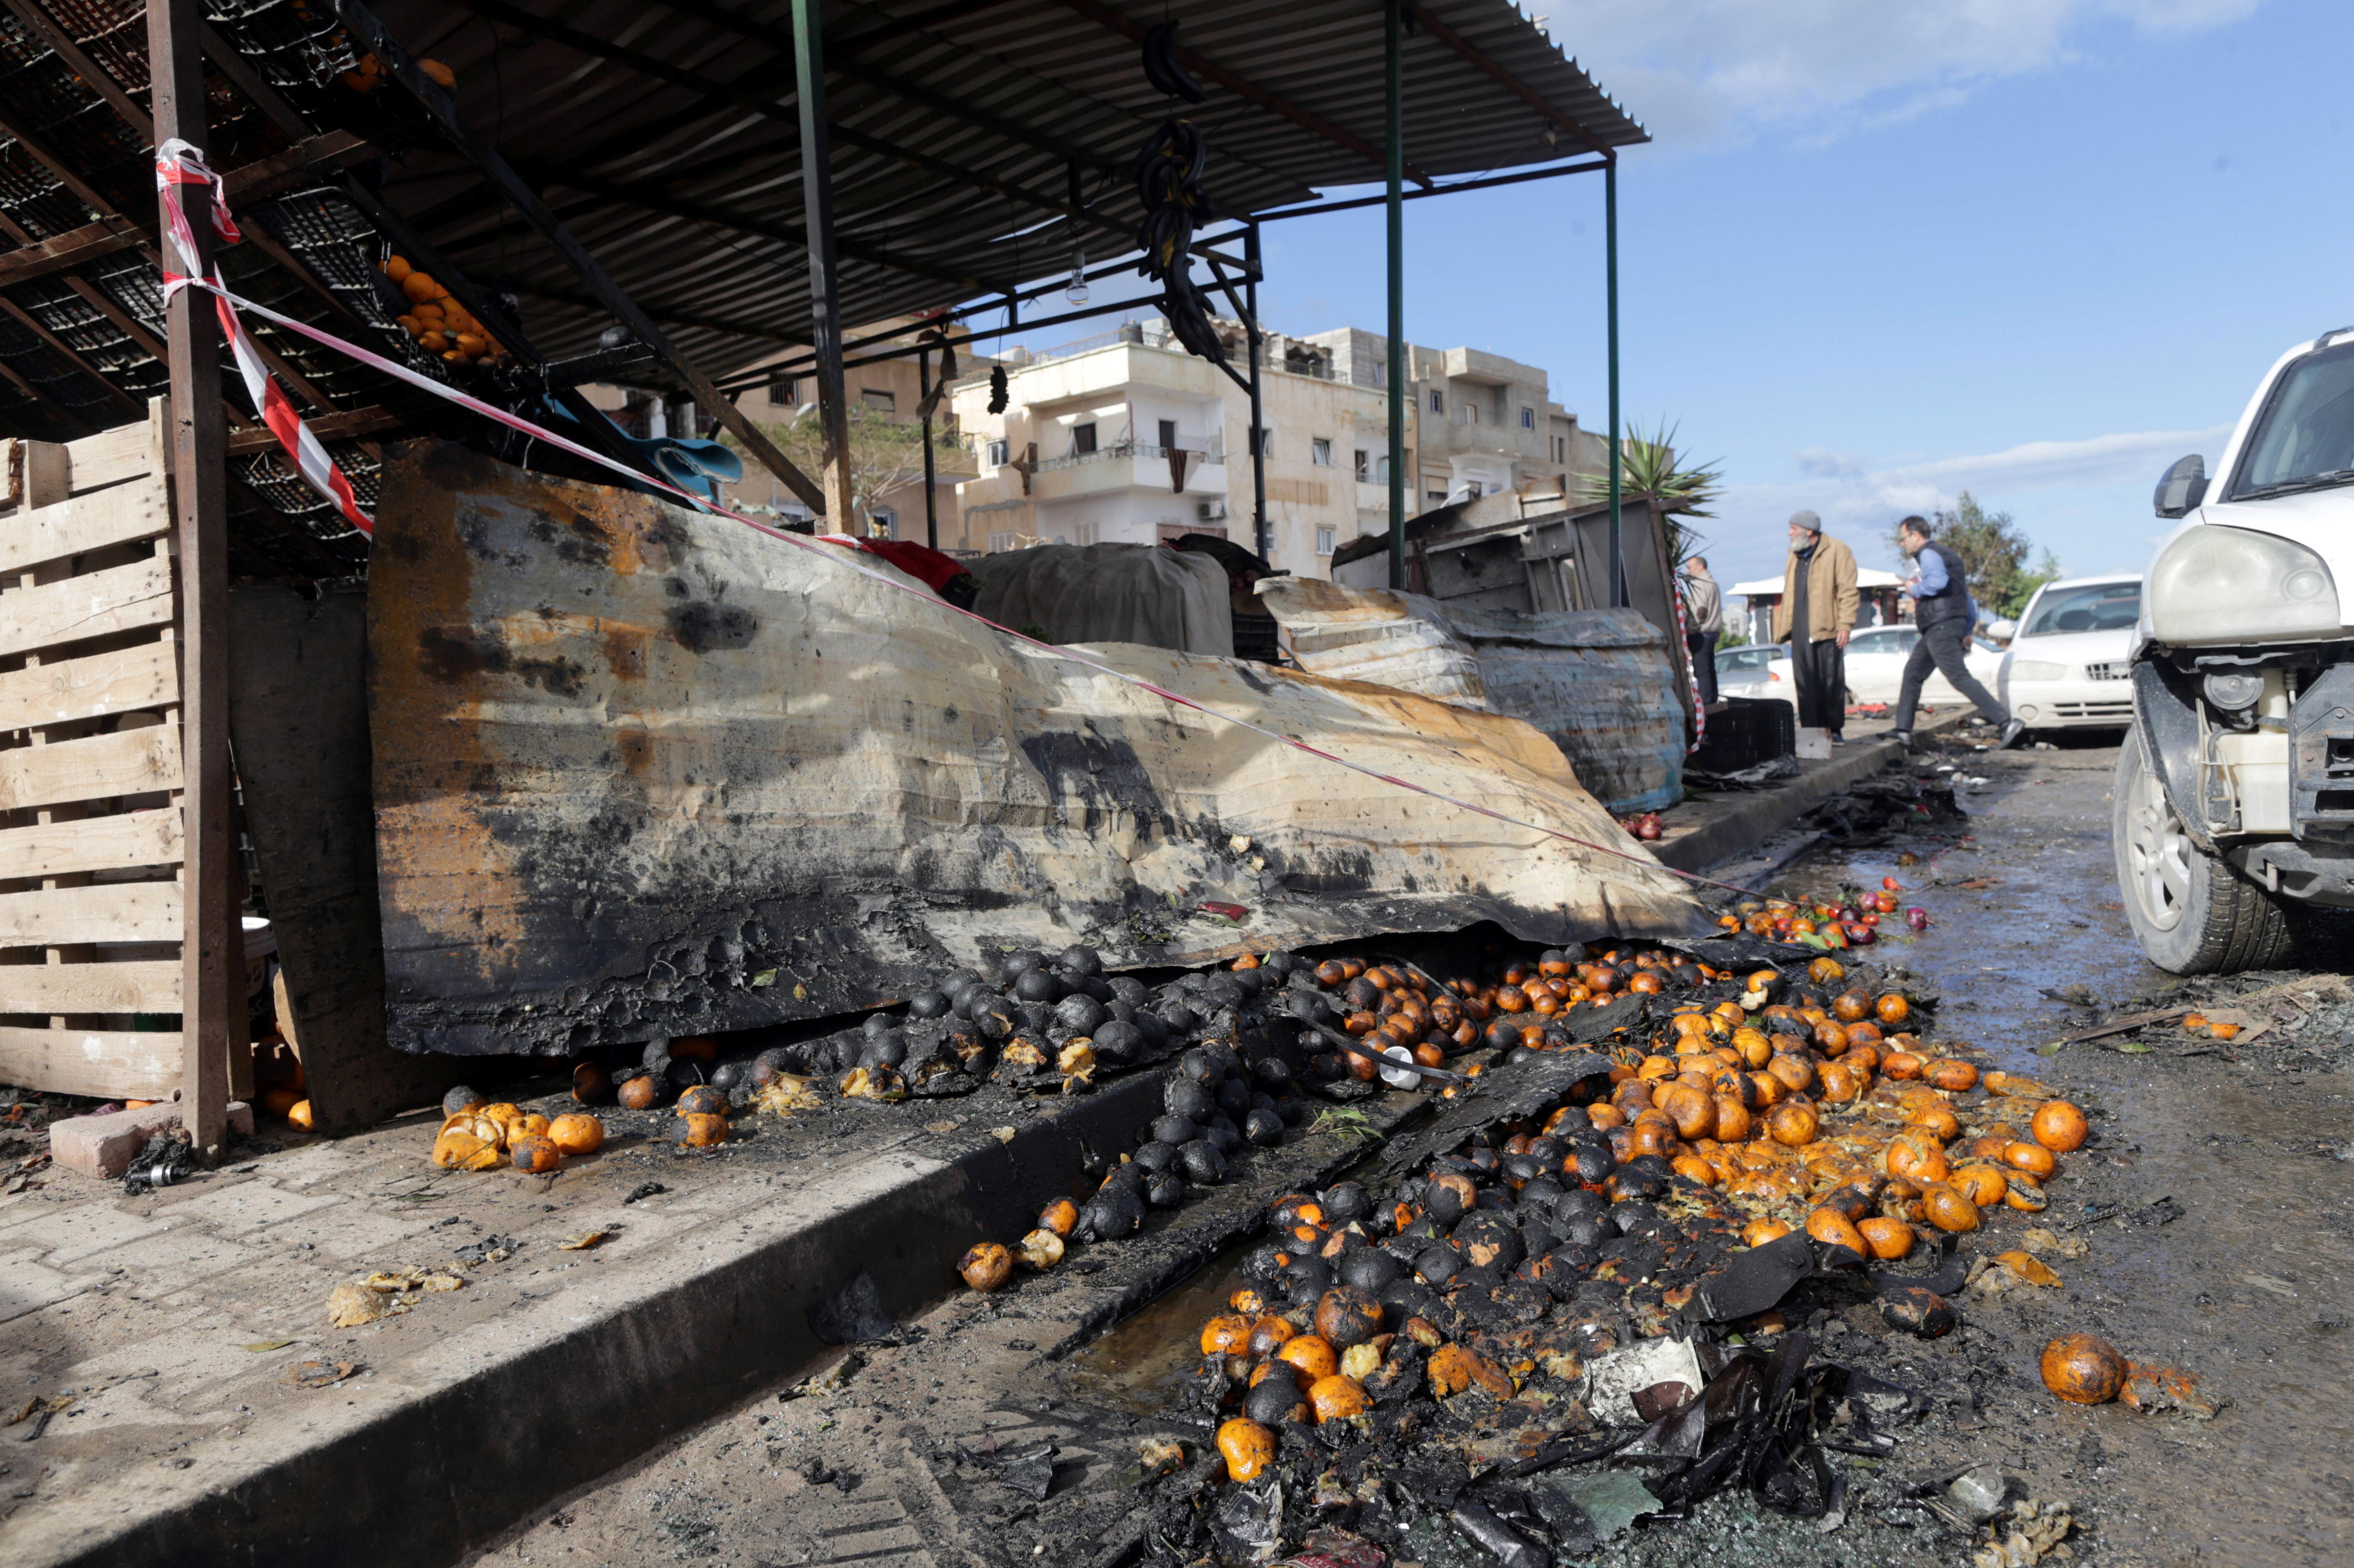 مزقوا صور معمر القذافي سنة 2011 فمزقنهم القنابل سنة2018 5028535-جانب-من-التفجير